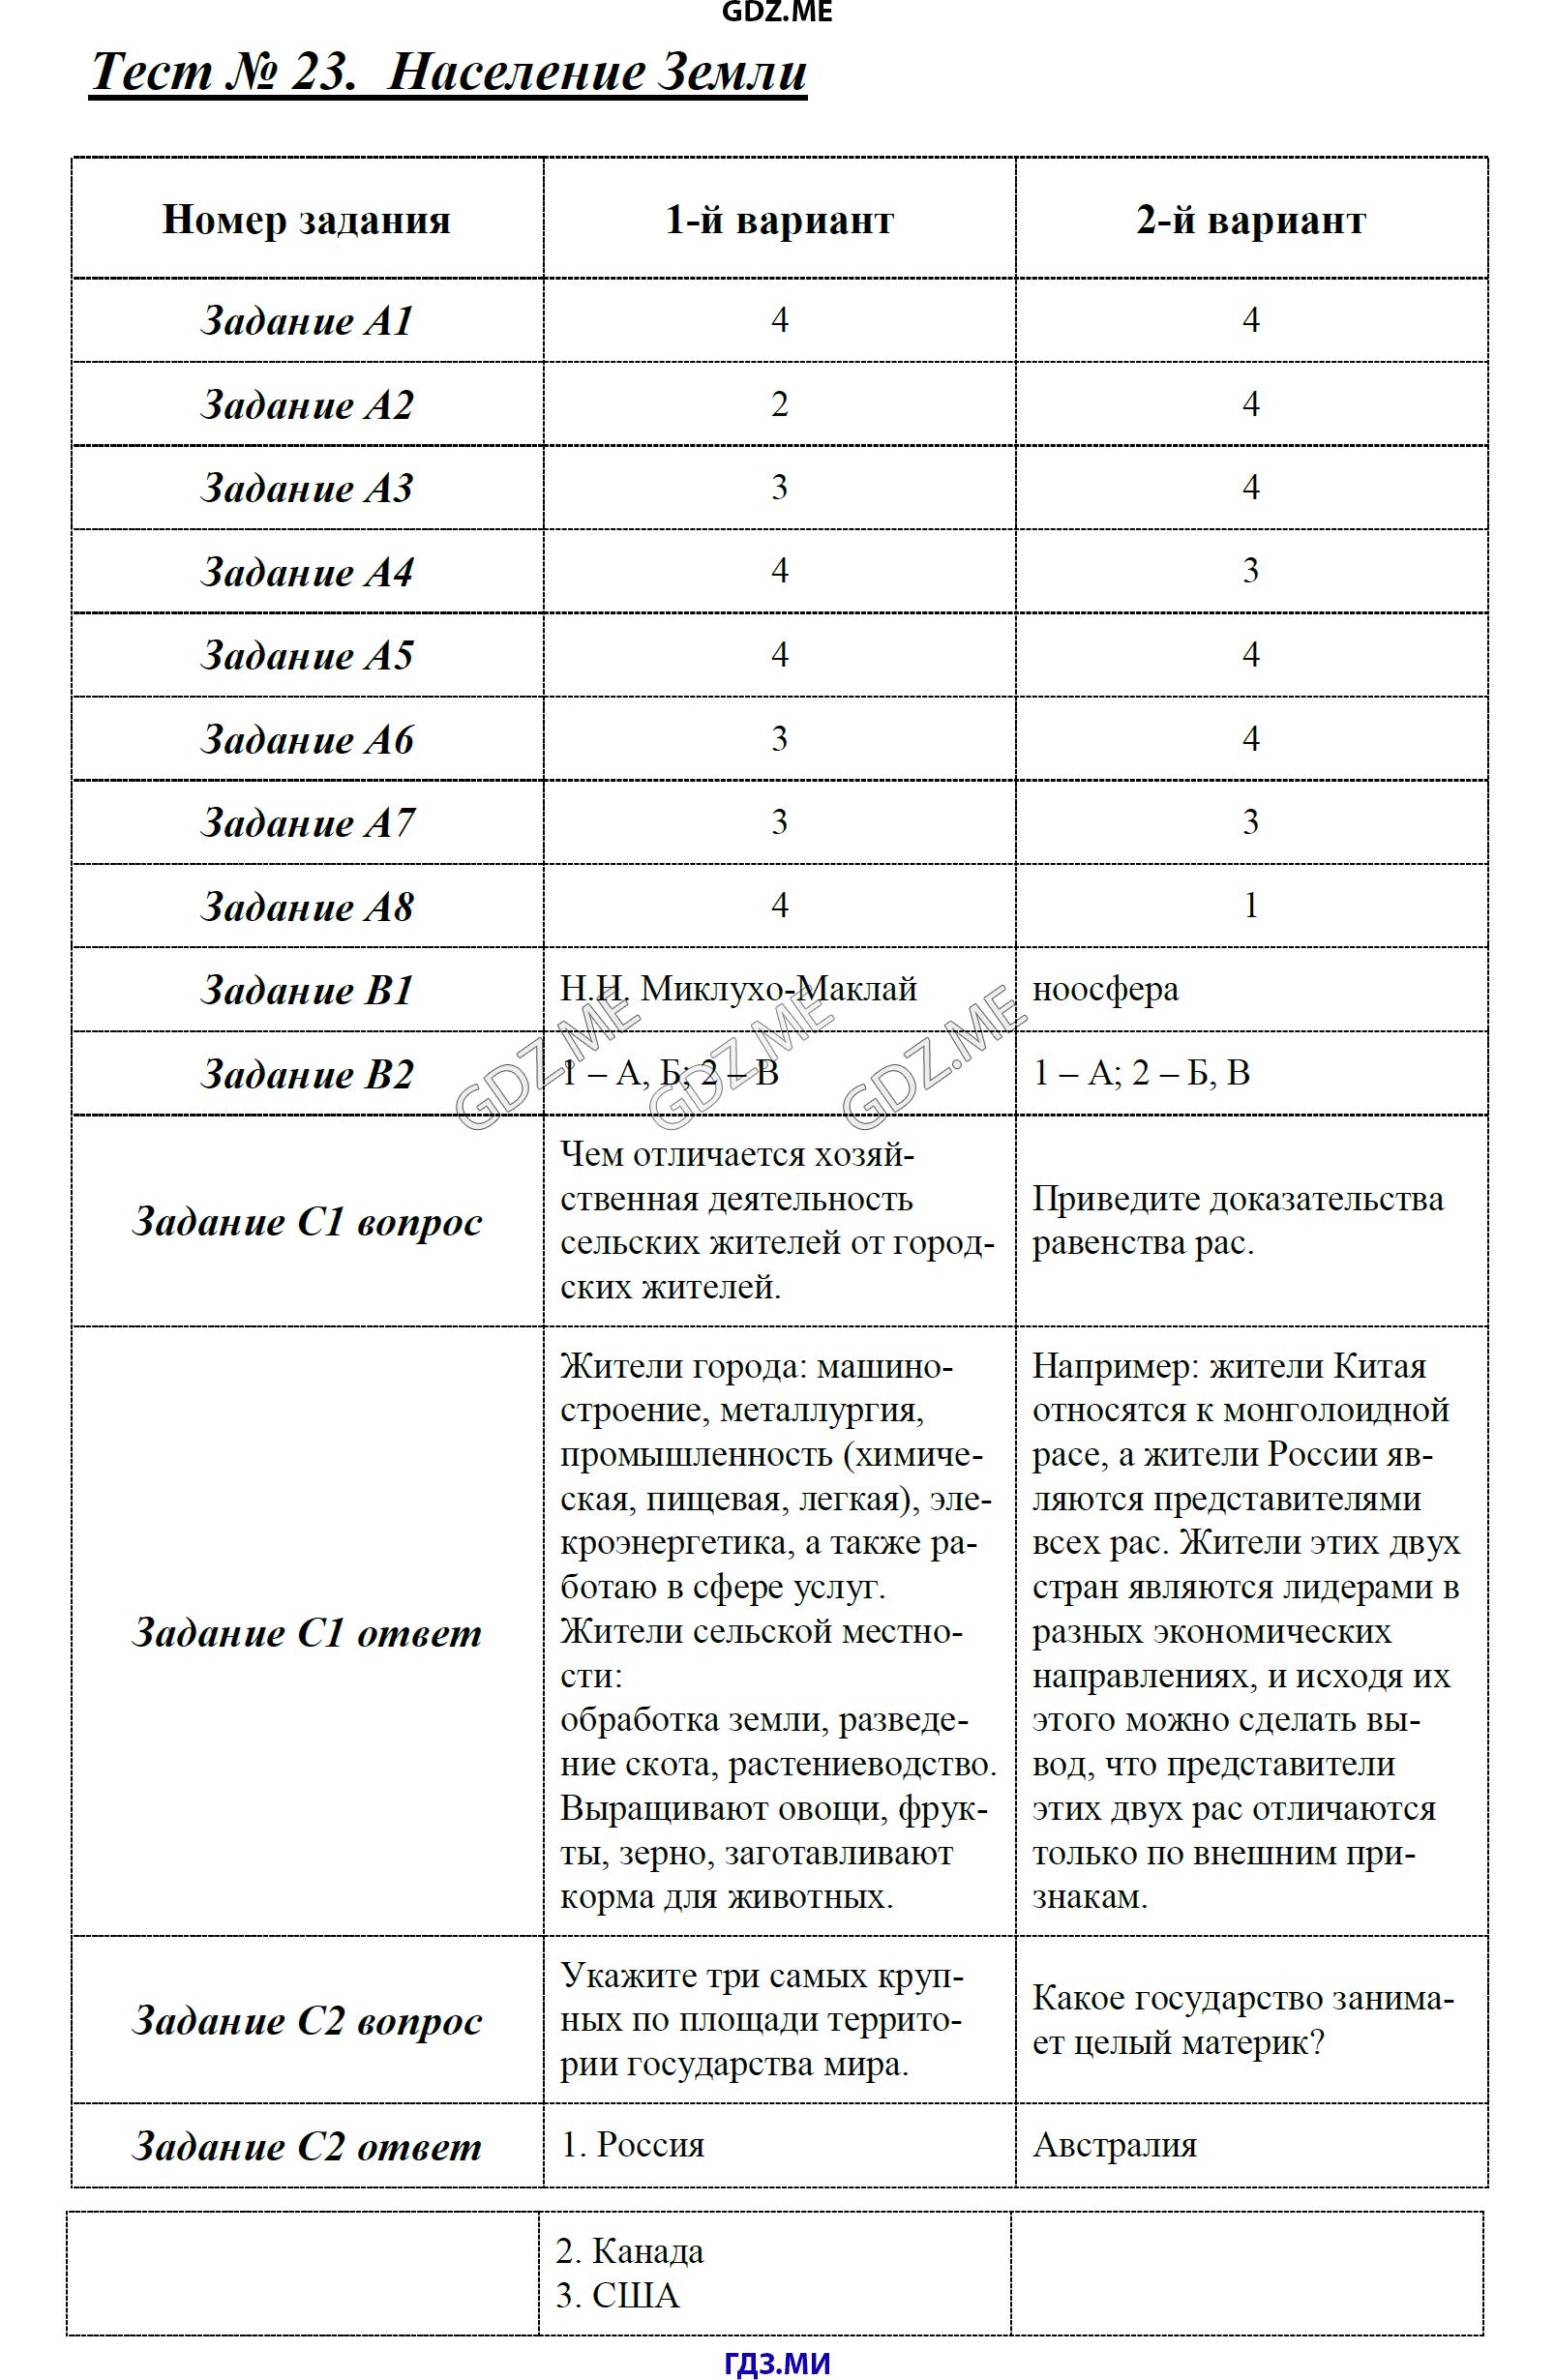 ГДЗ по географии класс Жижина контрольно измерительные материалы  Итоговый контроль по курсу 6 класса Предмет География